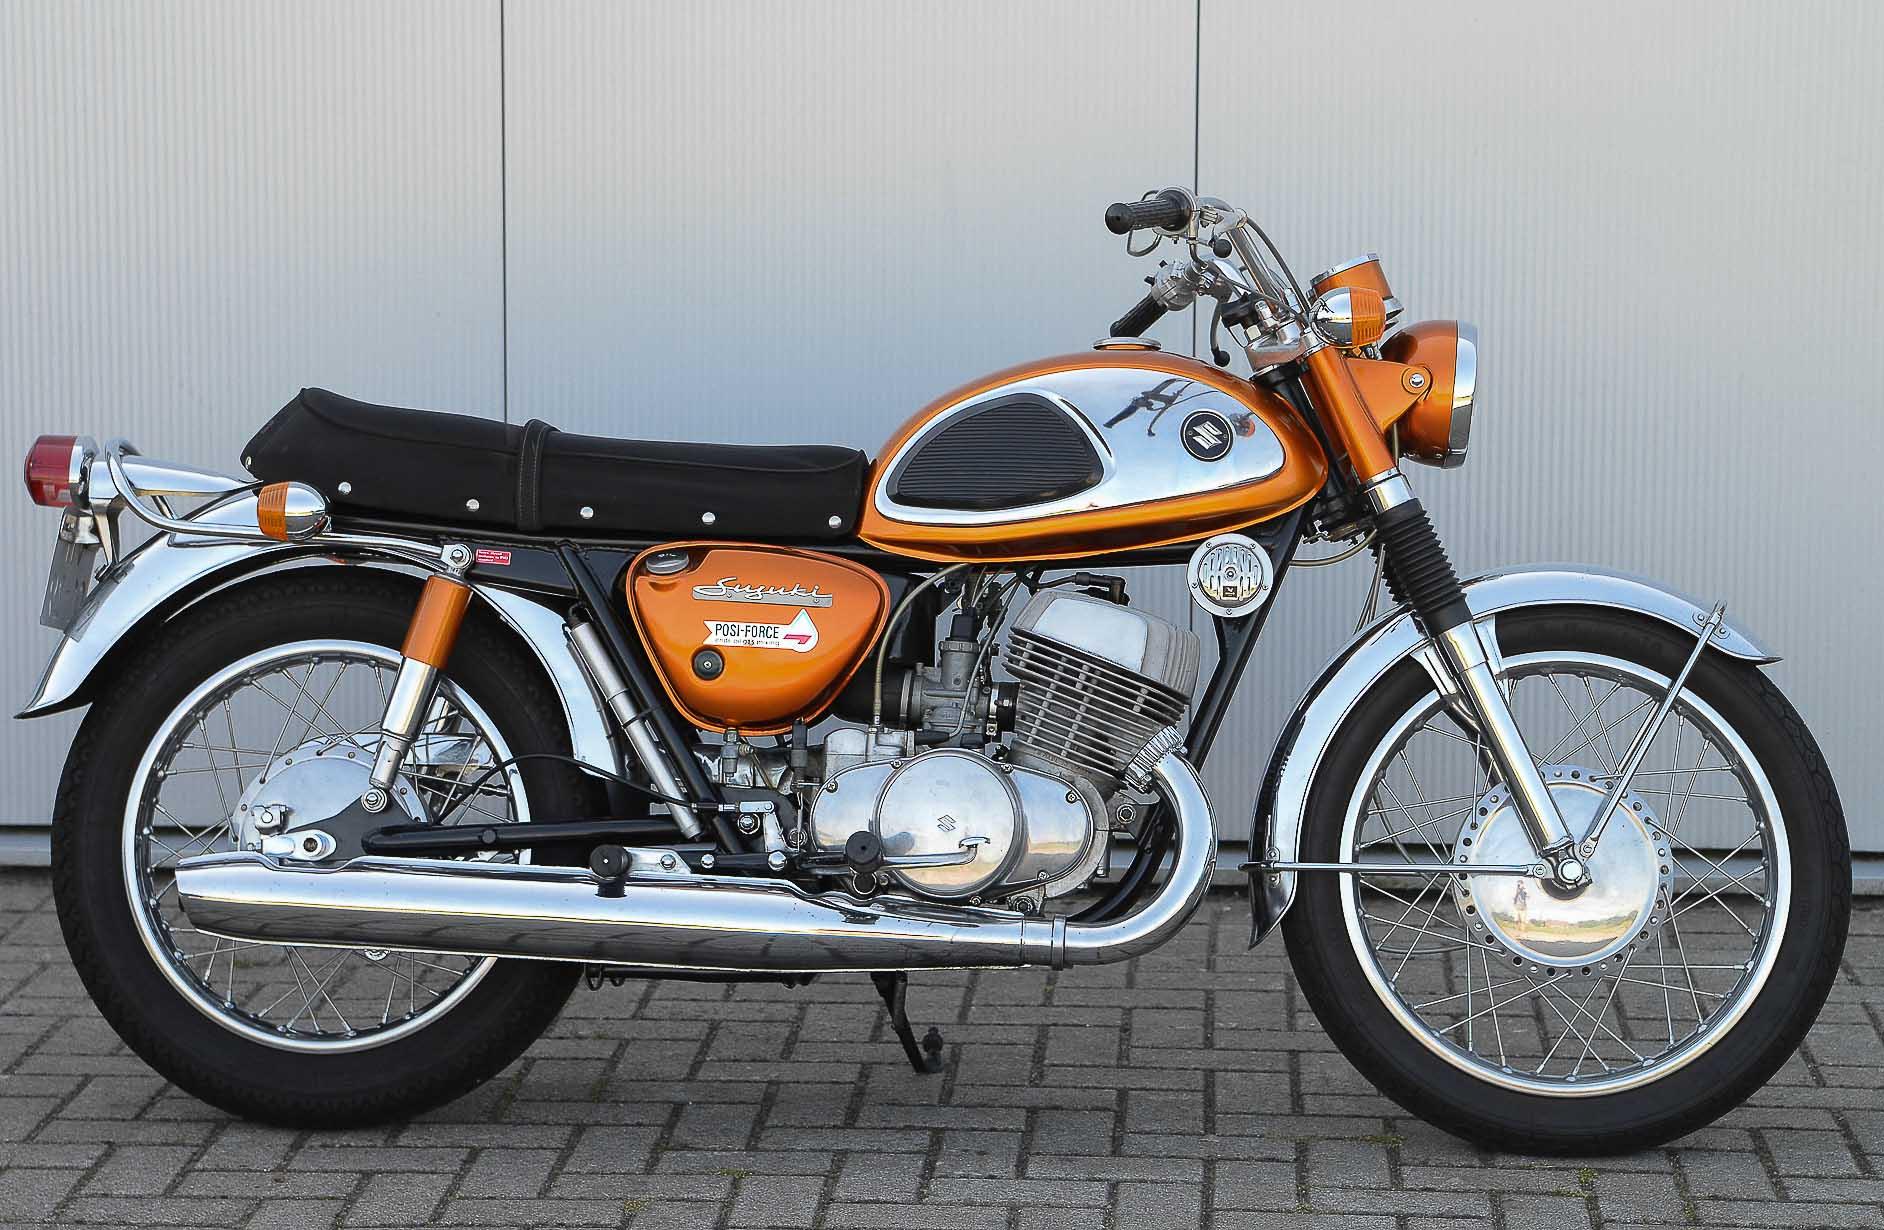 SUZUKI T 500 (1967 - 1975)